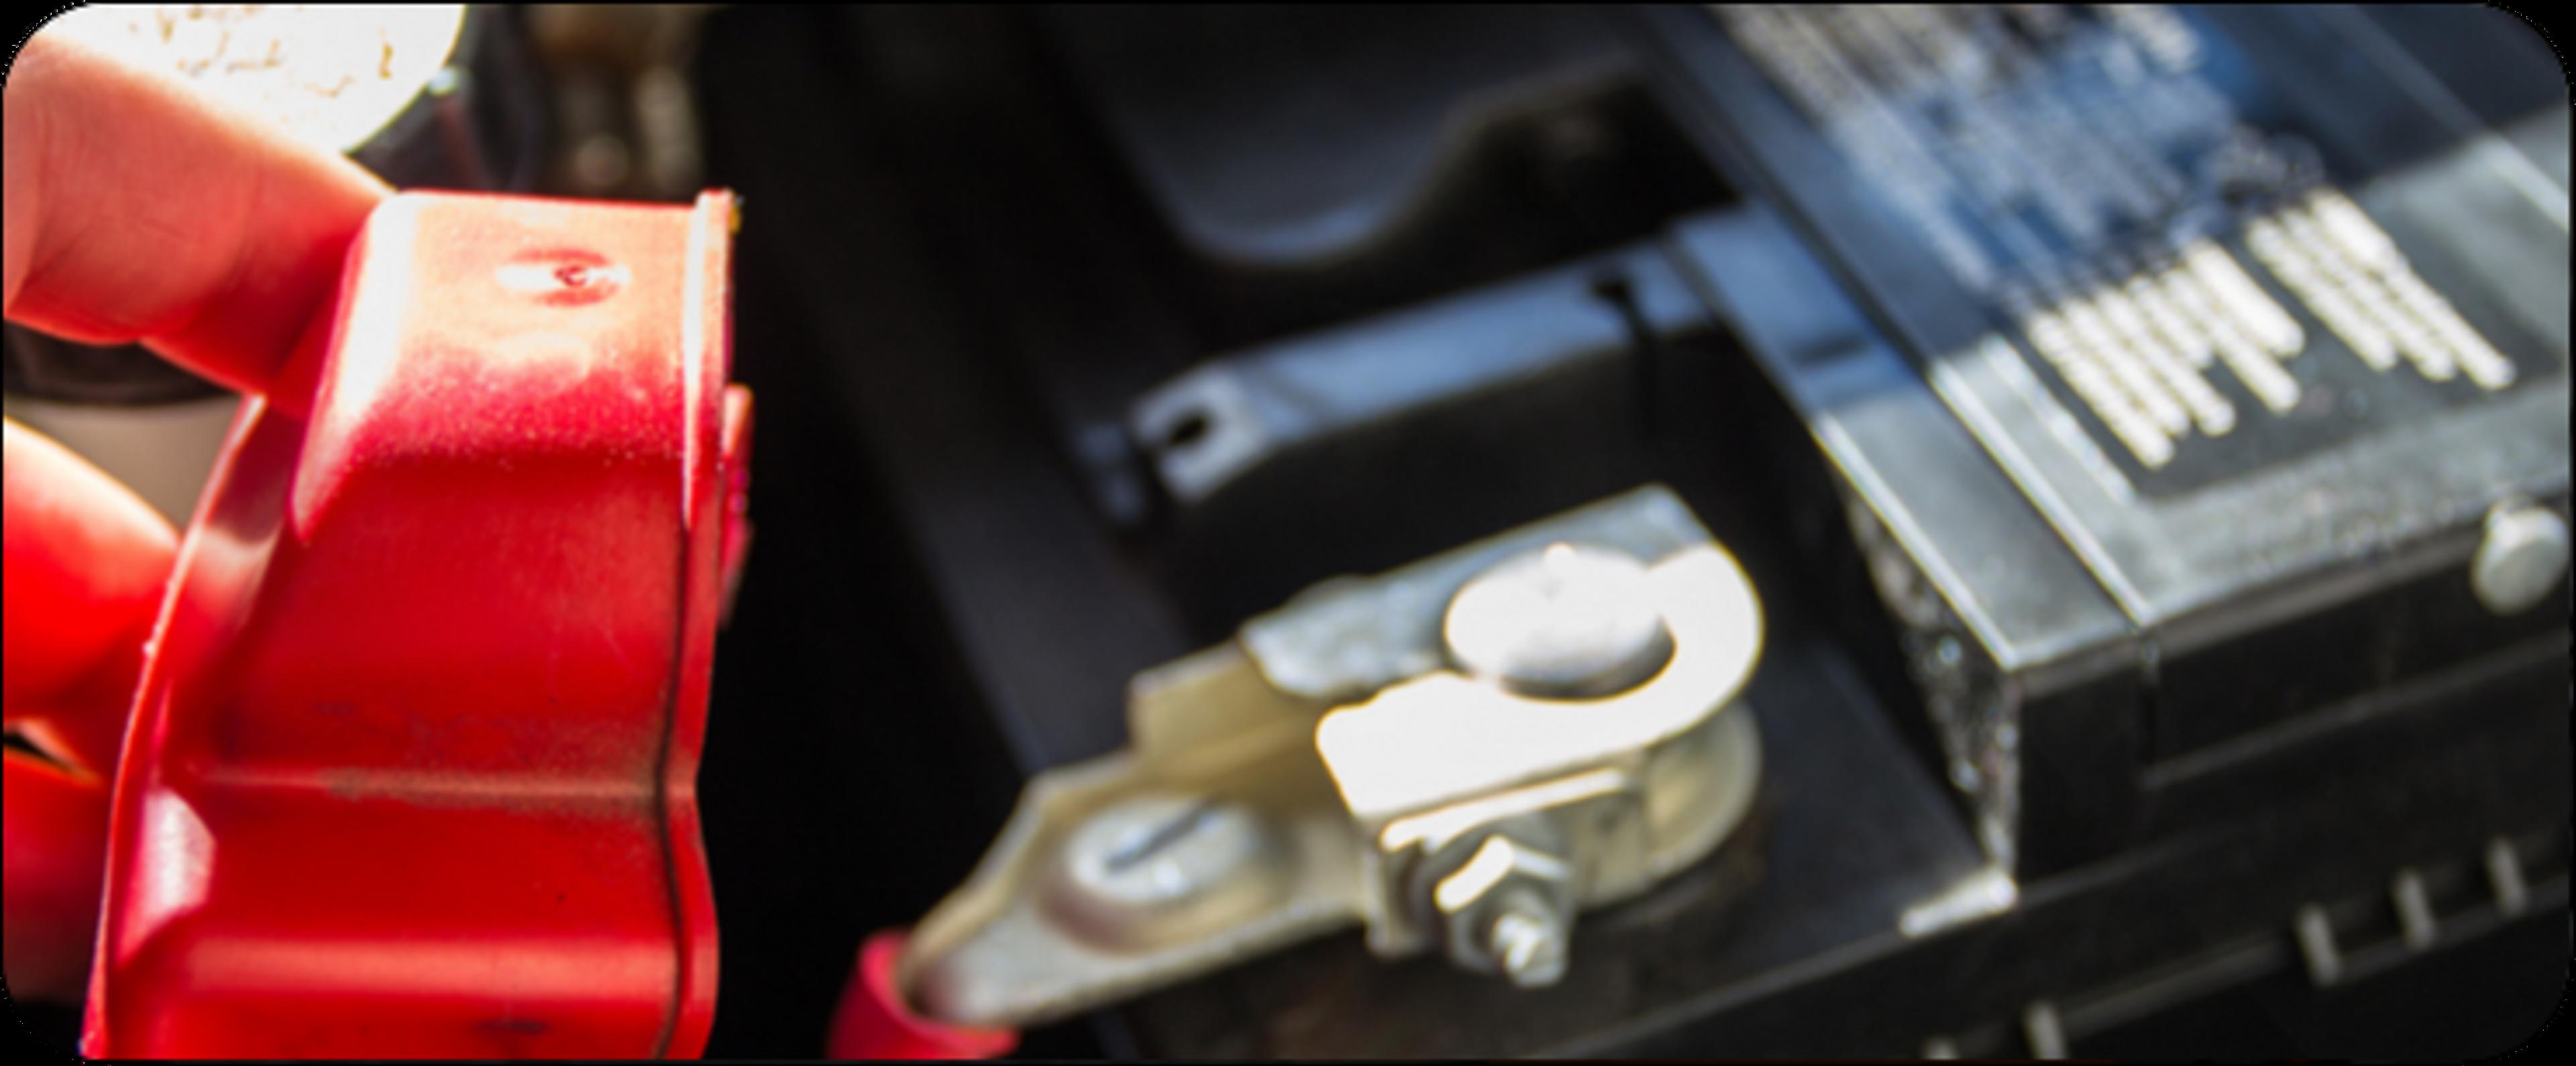 Photo d'une main d'homme manipulant une batterie automobile